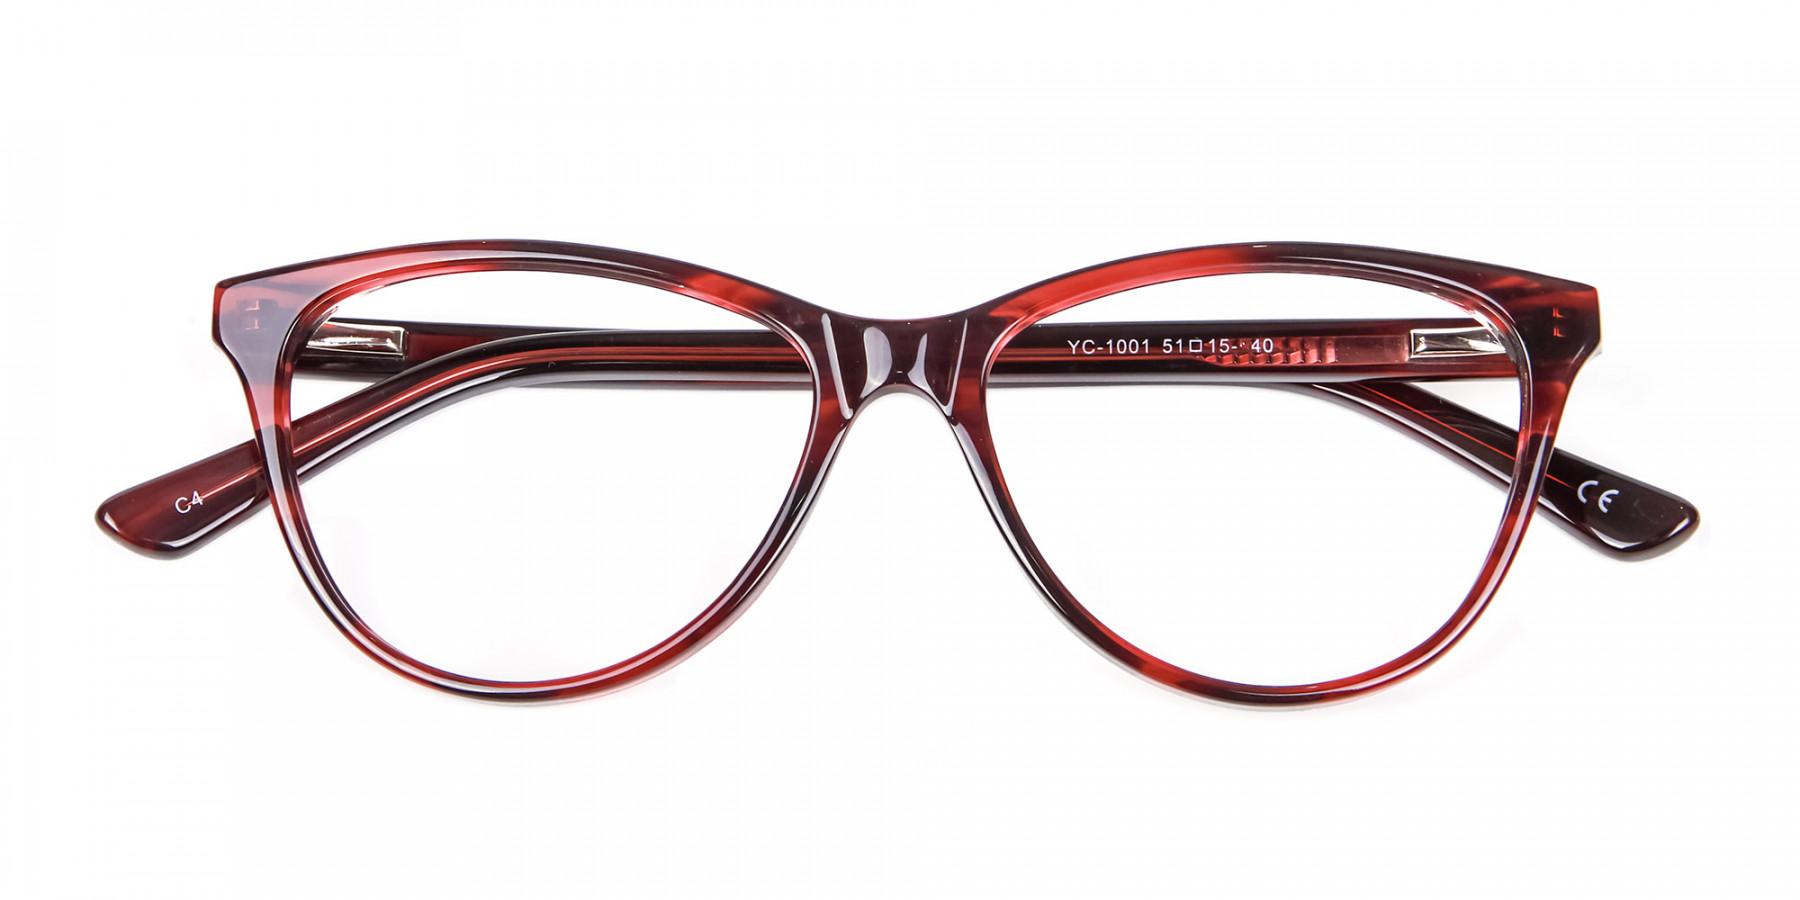 Designer Red Cat Eye Glasses for Women